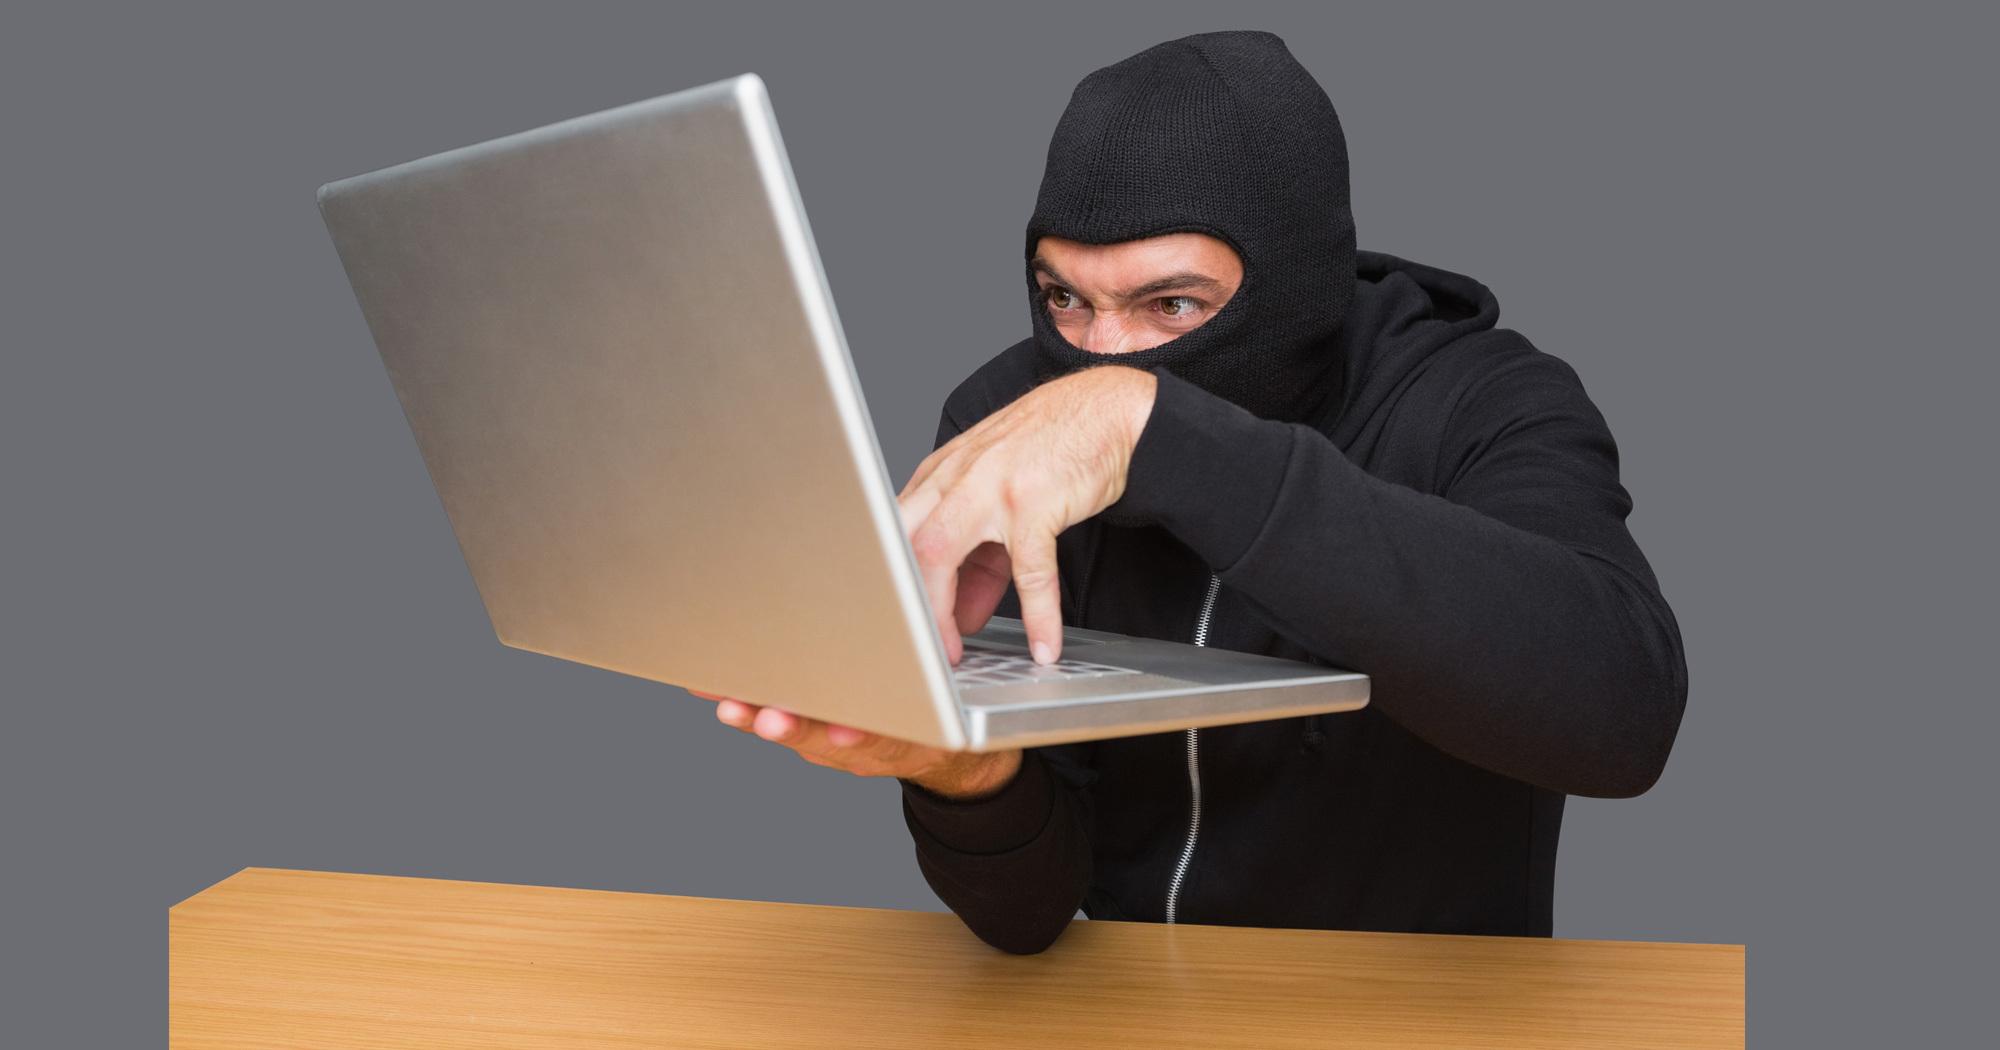 最新サイバー犯罪の手口は、意外にもローテクだ